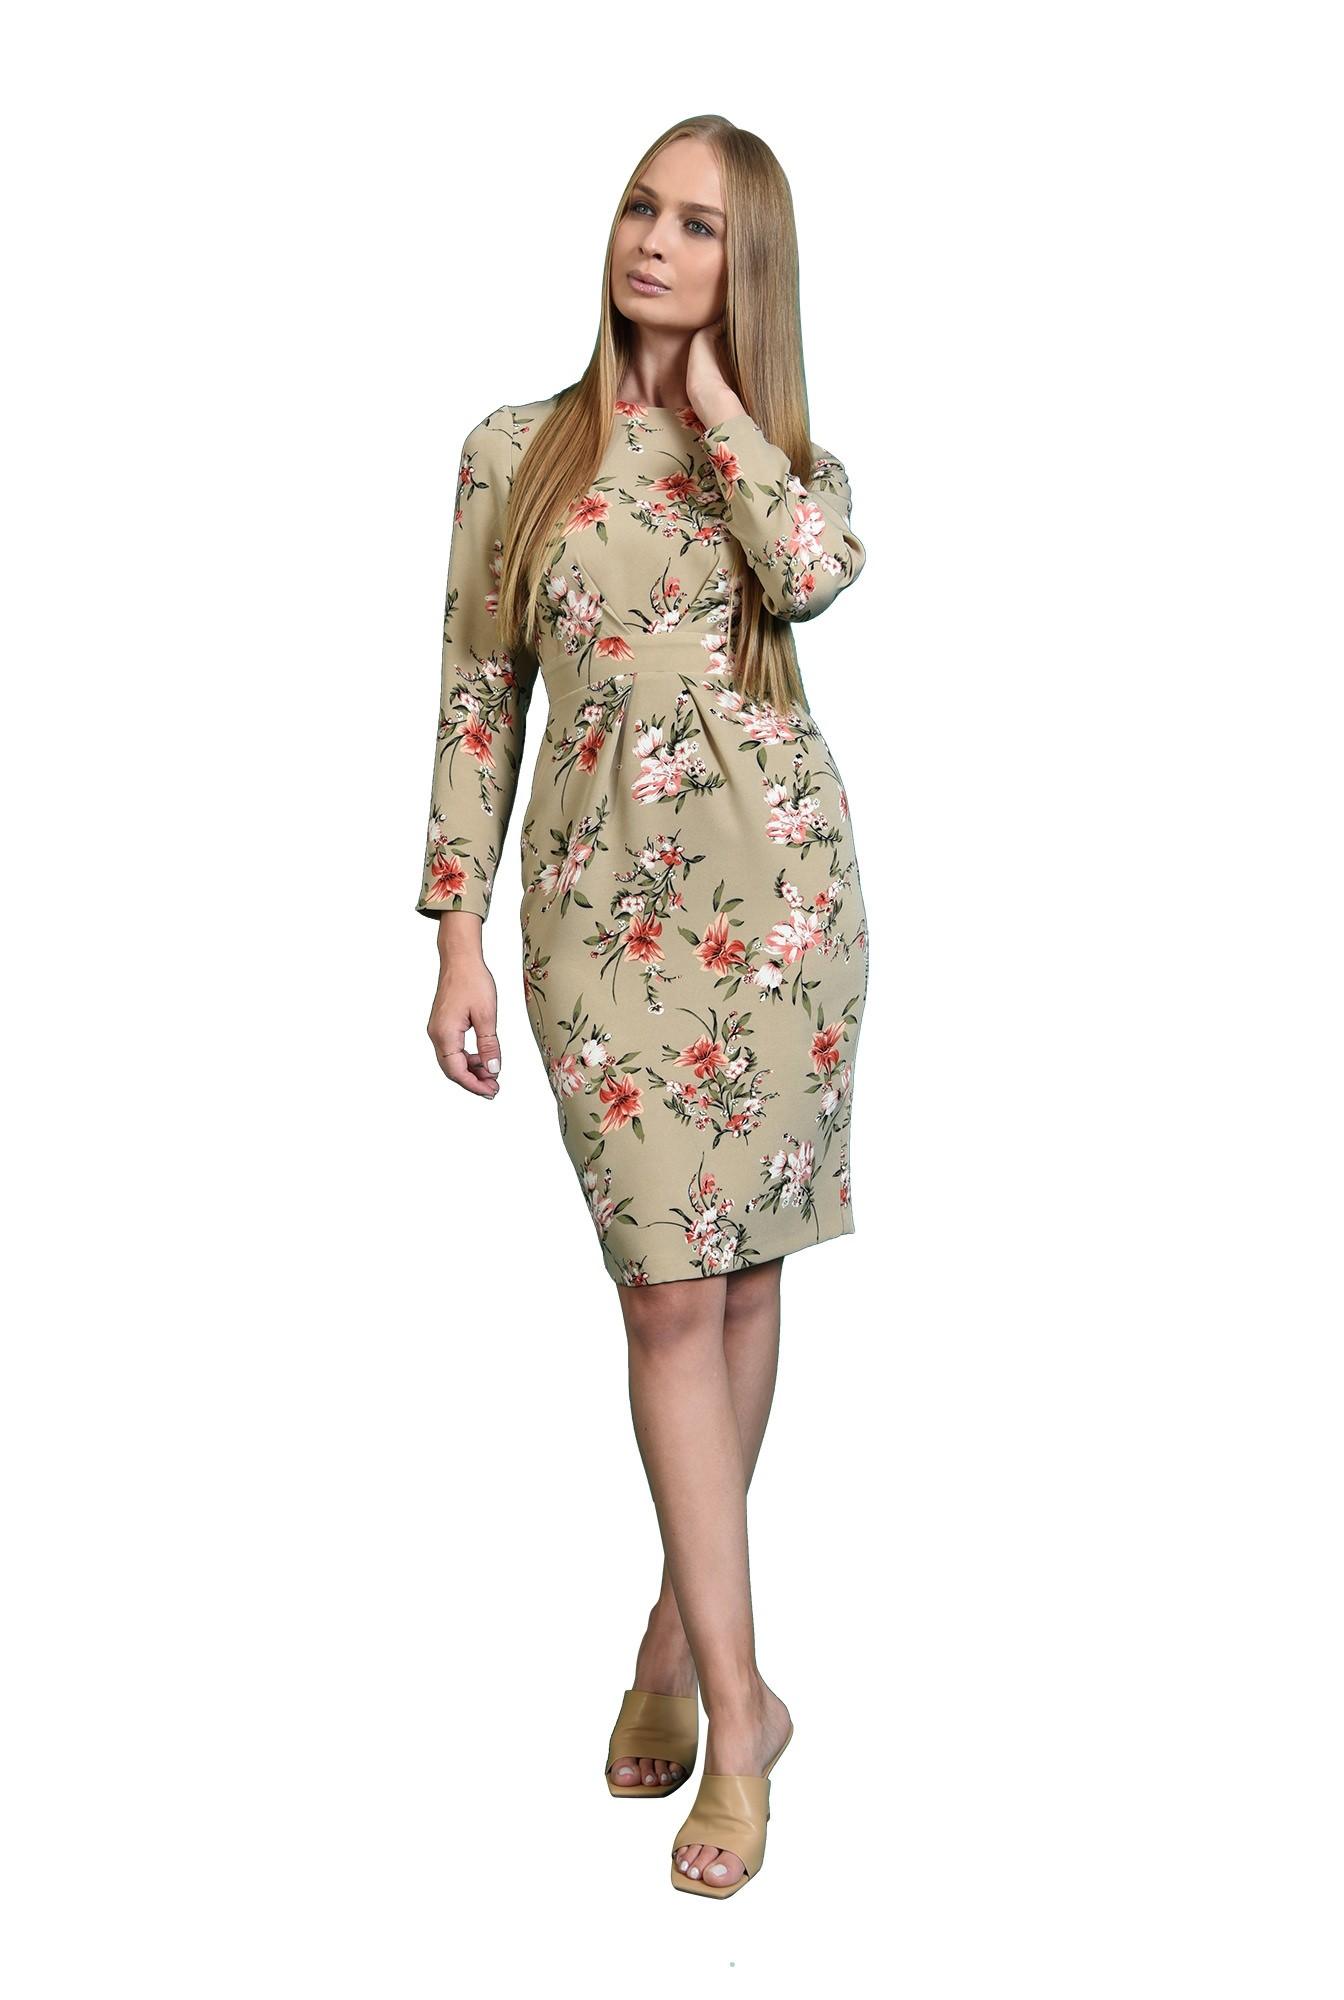 3 - rochie midi, conica, cu print floral, Poema